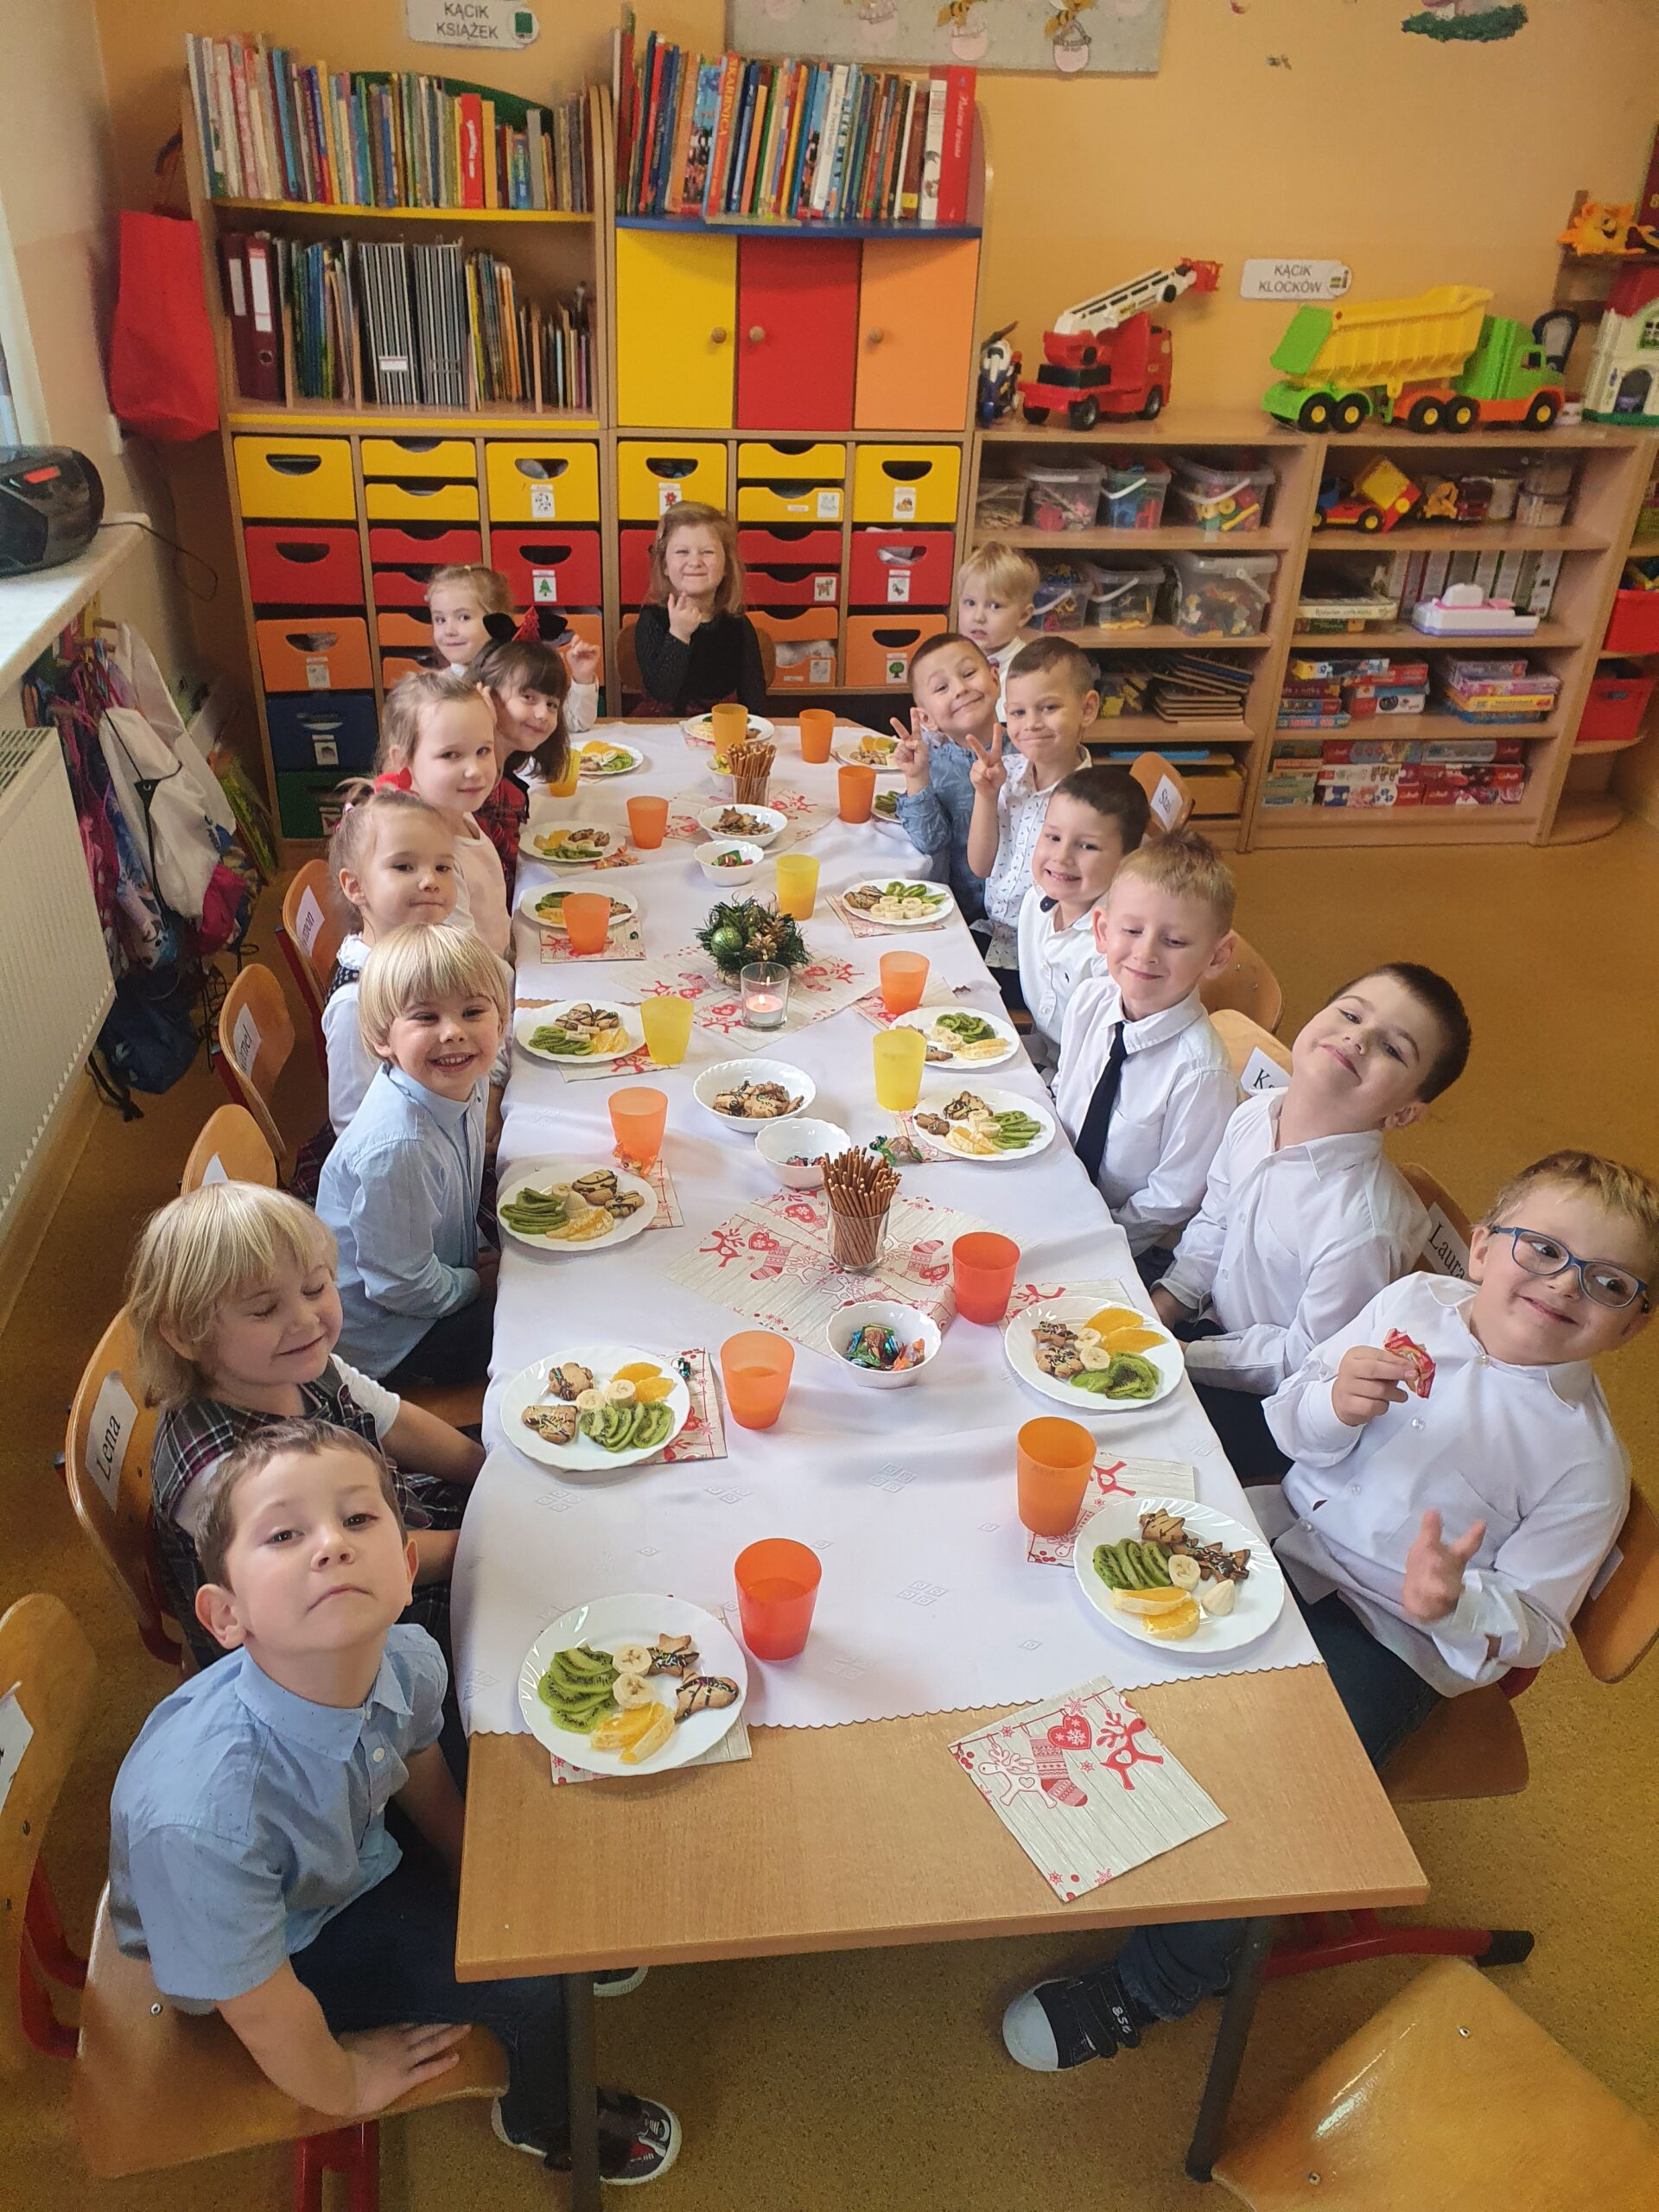 cała grupa dzieci siedzi przy stole, przy każdym dziecku stoi talerz z owocami, kubeczki z sokiem na środku stołu są paluszki i cukierki